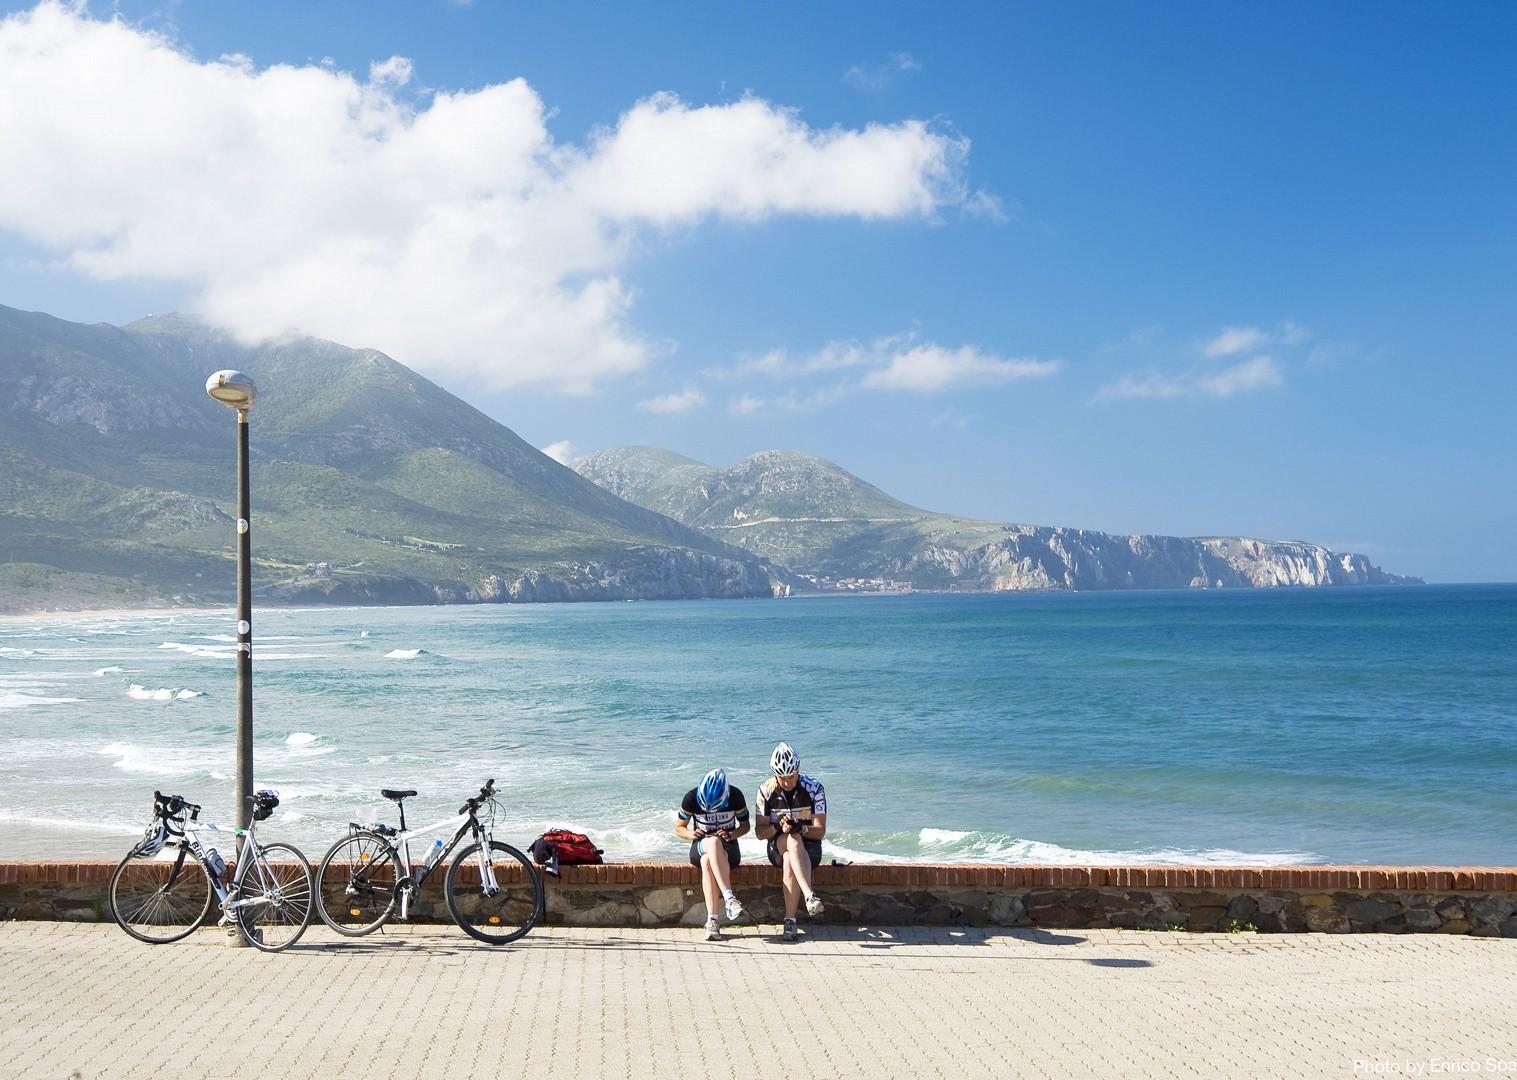 Road-Cycling-Holiday-Italy-Sardinia-Coastal-Explorer.jpg - Italy - Sardinia - Coastal Explorer - Self Guided Road Cycling Holiday - Italia Road Cycling